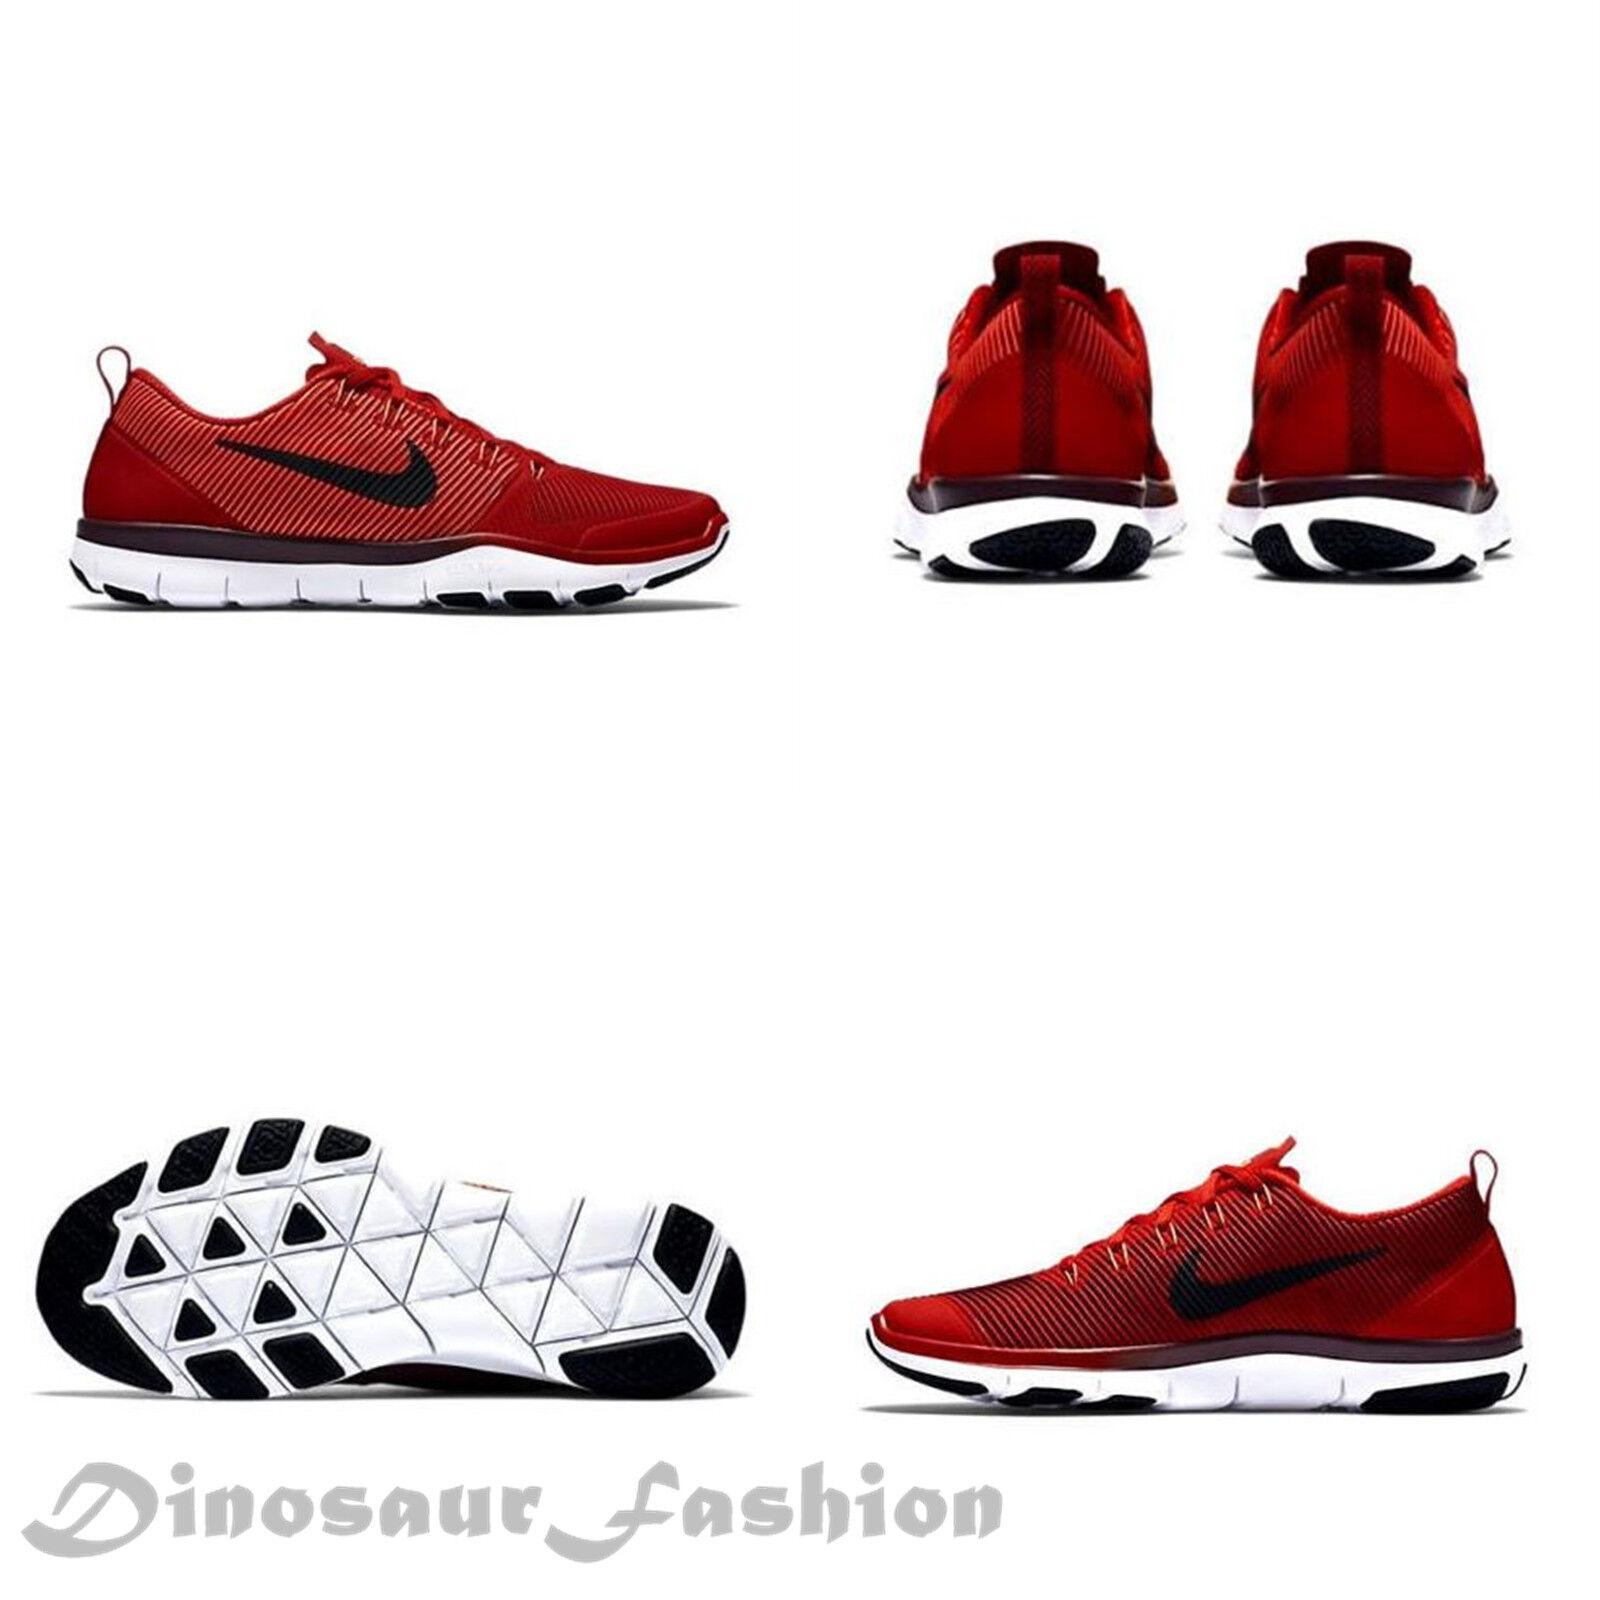 Nike Free tren versatilidad < zapatos 833258-606 > para hombres zapatos < zapatillas de capacitación/. nuevo fdbd90